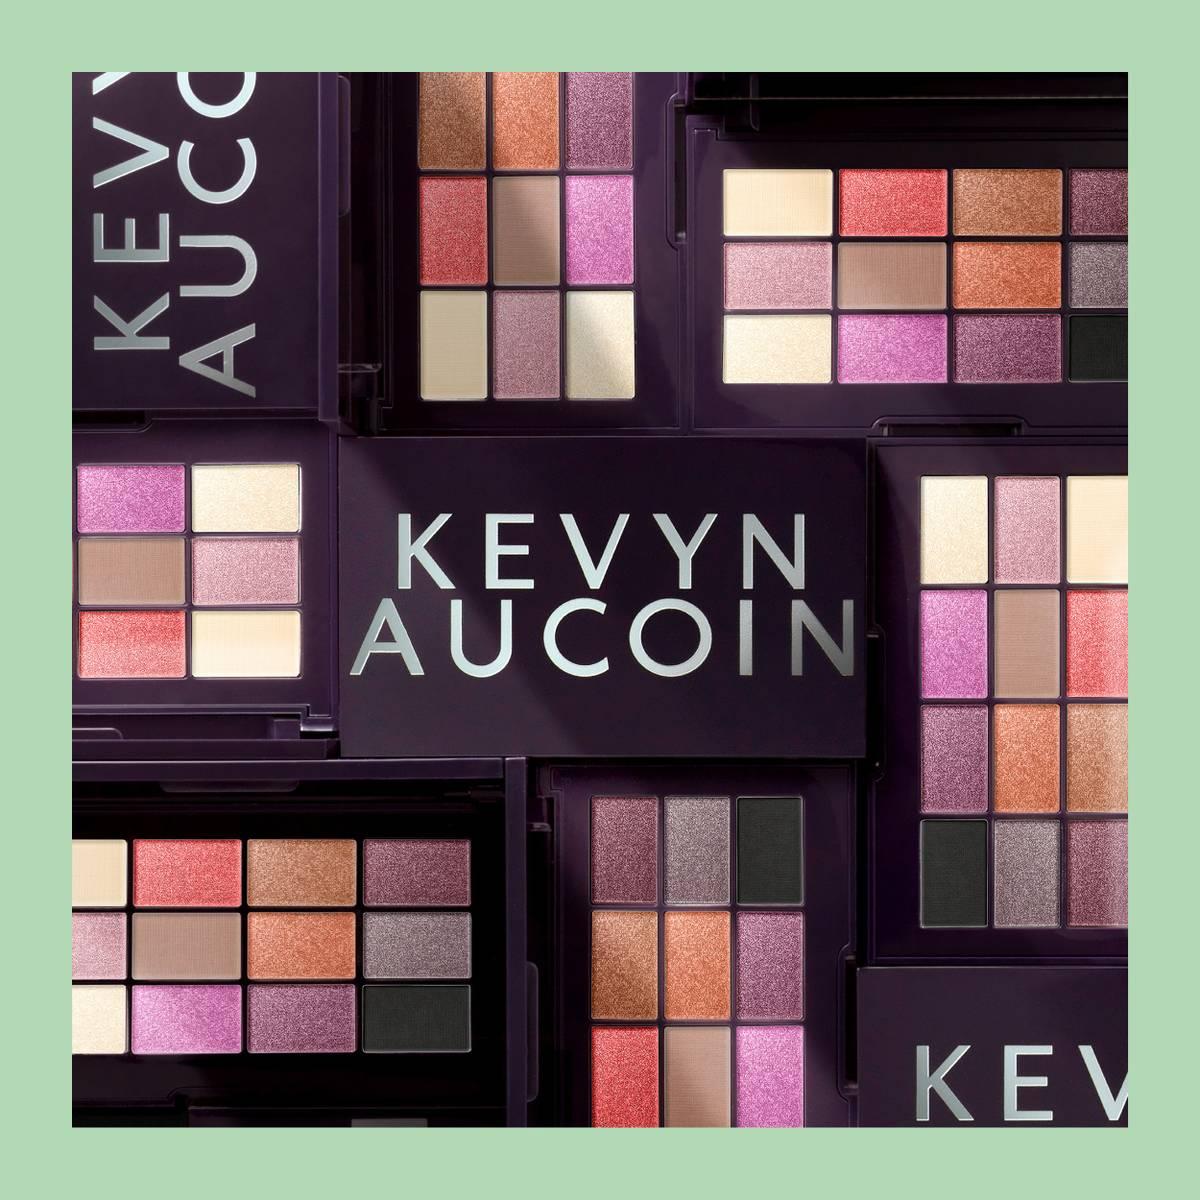 Spotlight on: Kevyn Aucoin